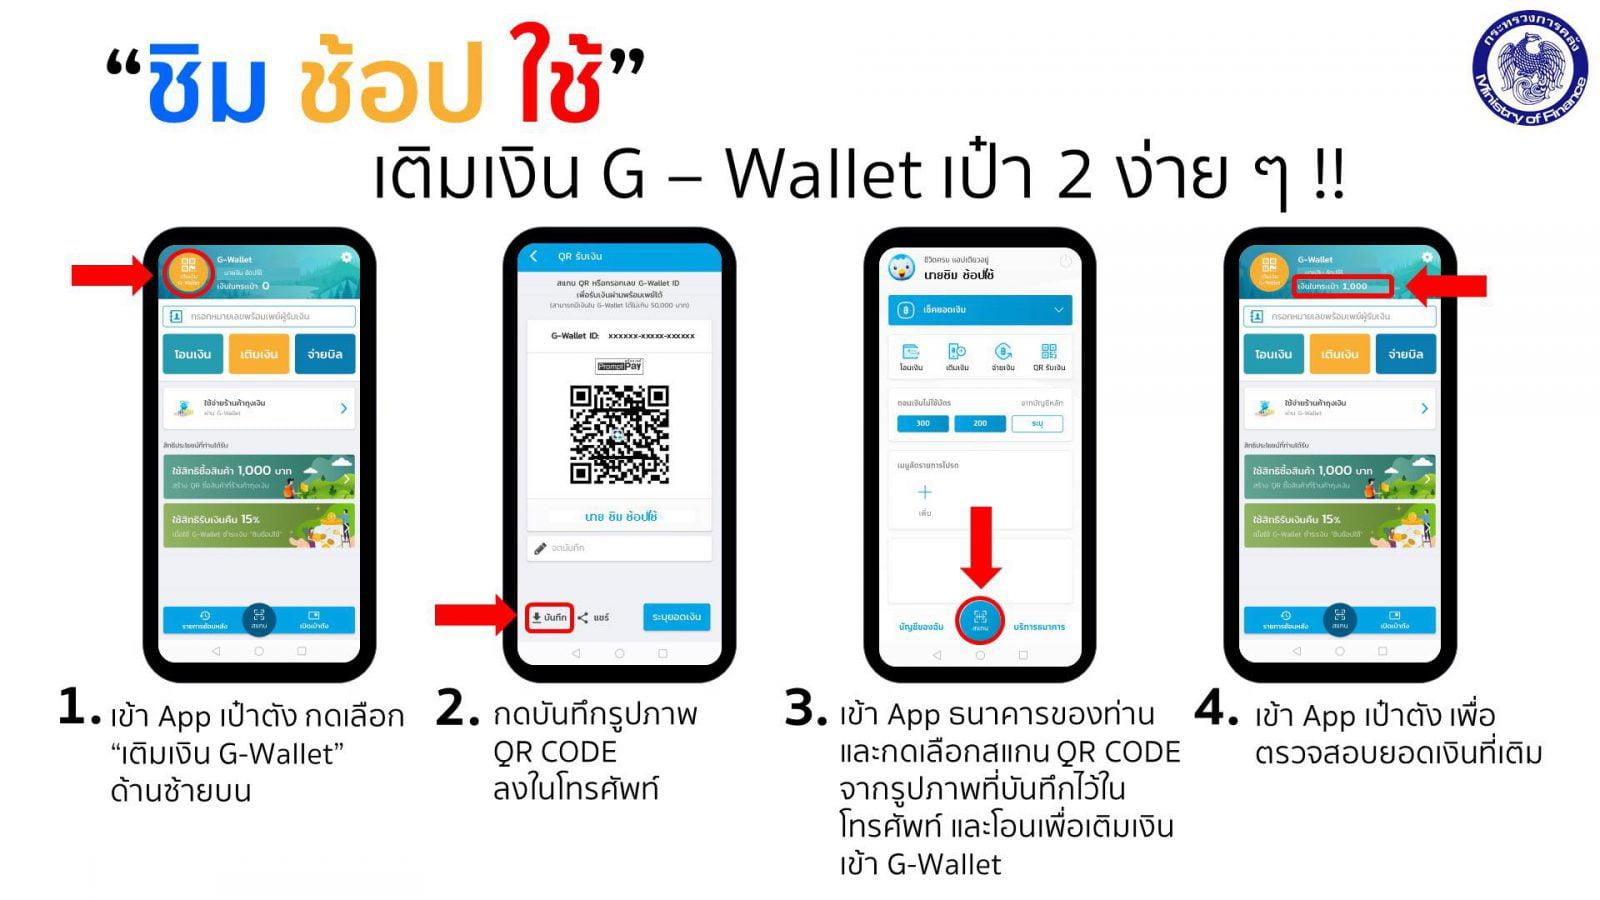 [แนะนำ] วิธีเติมเงินแอปเป๋าตัง เข้ากระเป๋าเงินใบที่ 2 G-Wallet  ได้รับเงินคืน 15% สูงสุดไม่เกิน 4500 บาท